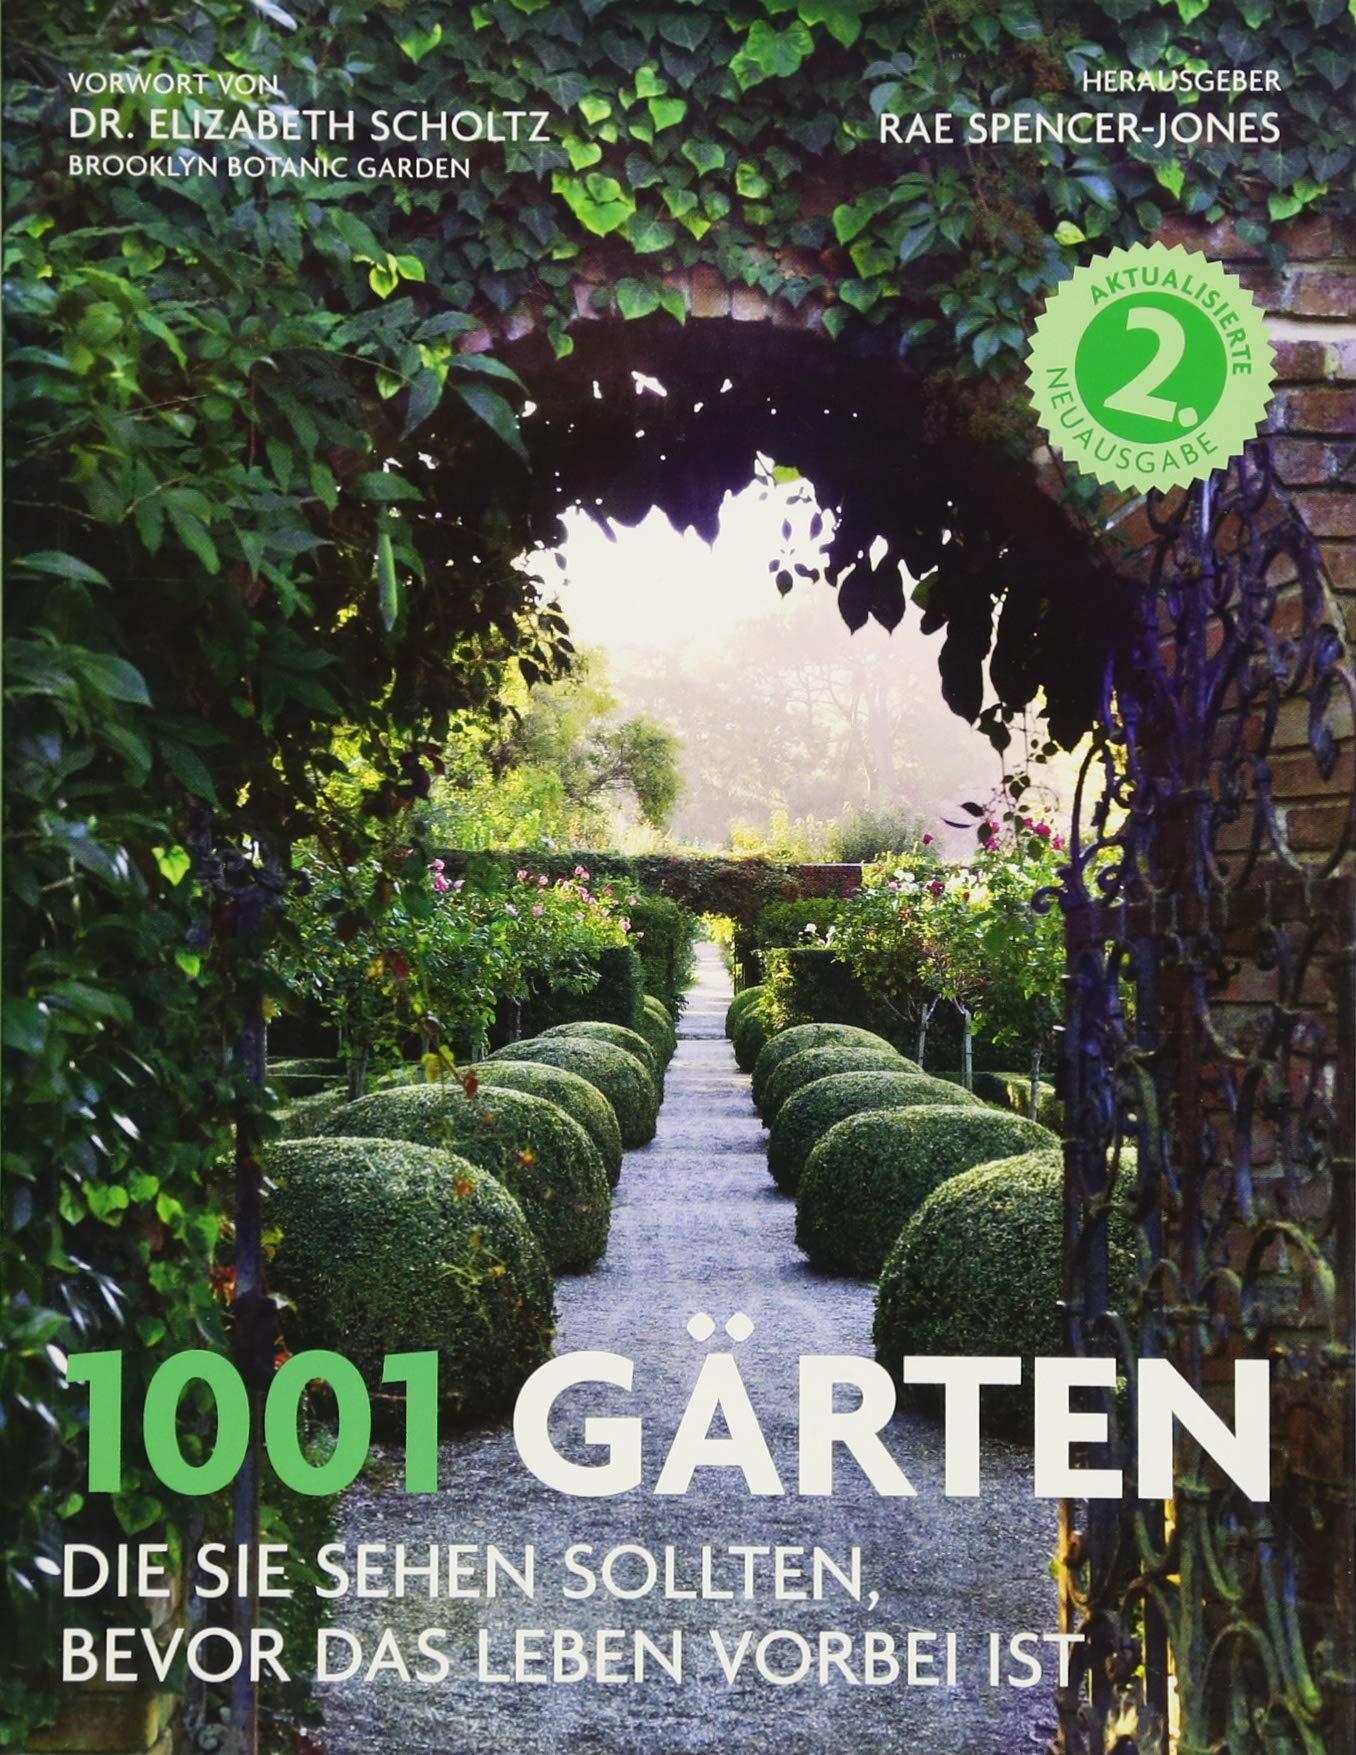 1001-grten-die-sie-sehen-sollten-bevor-das-leben-vorbei-ist-ausgewhlt-und-vorgestellt-von-71-internationalen-autoren